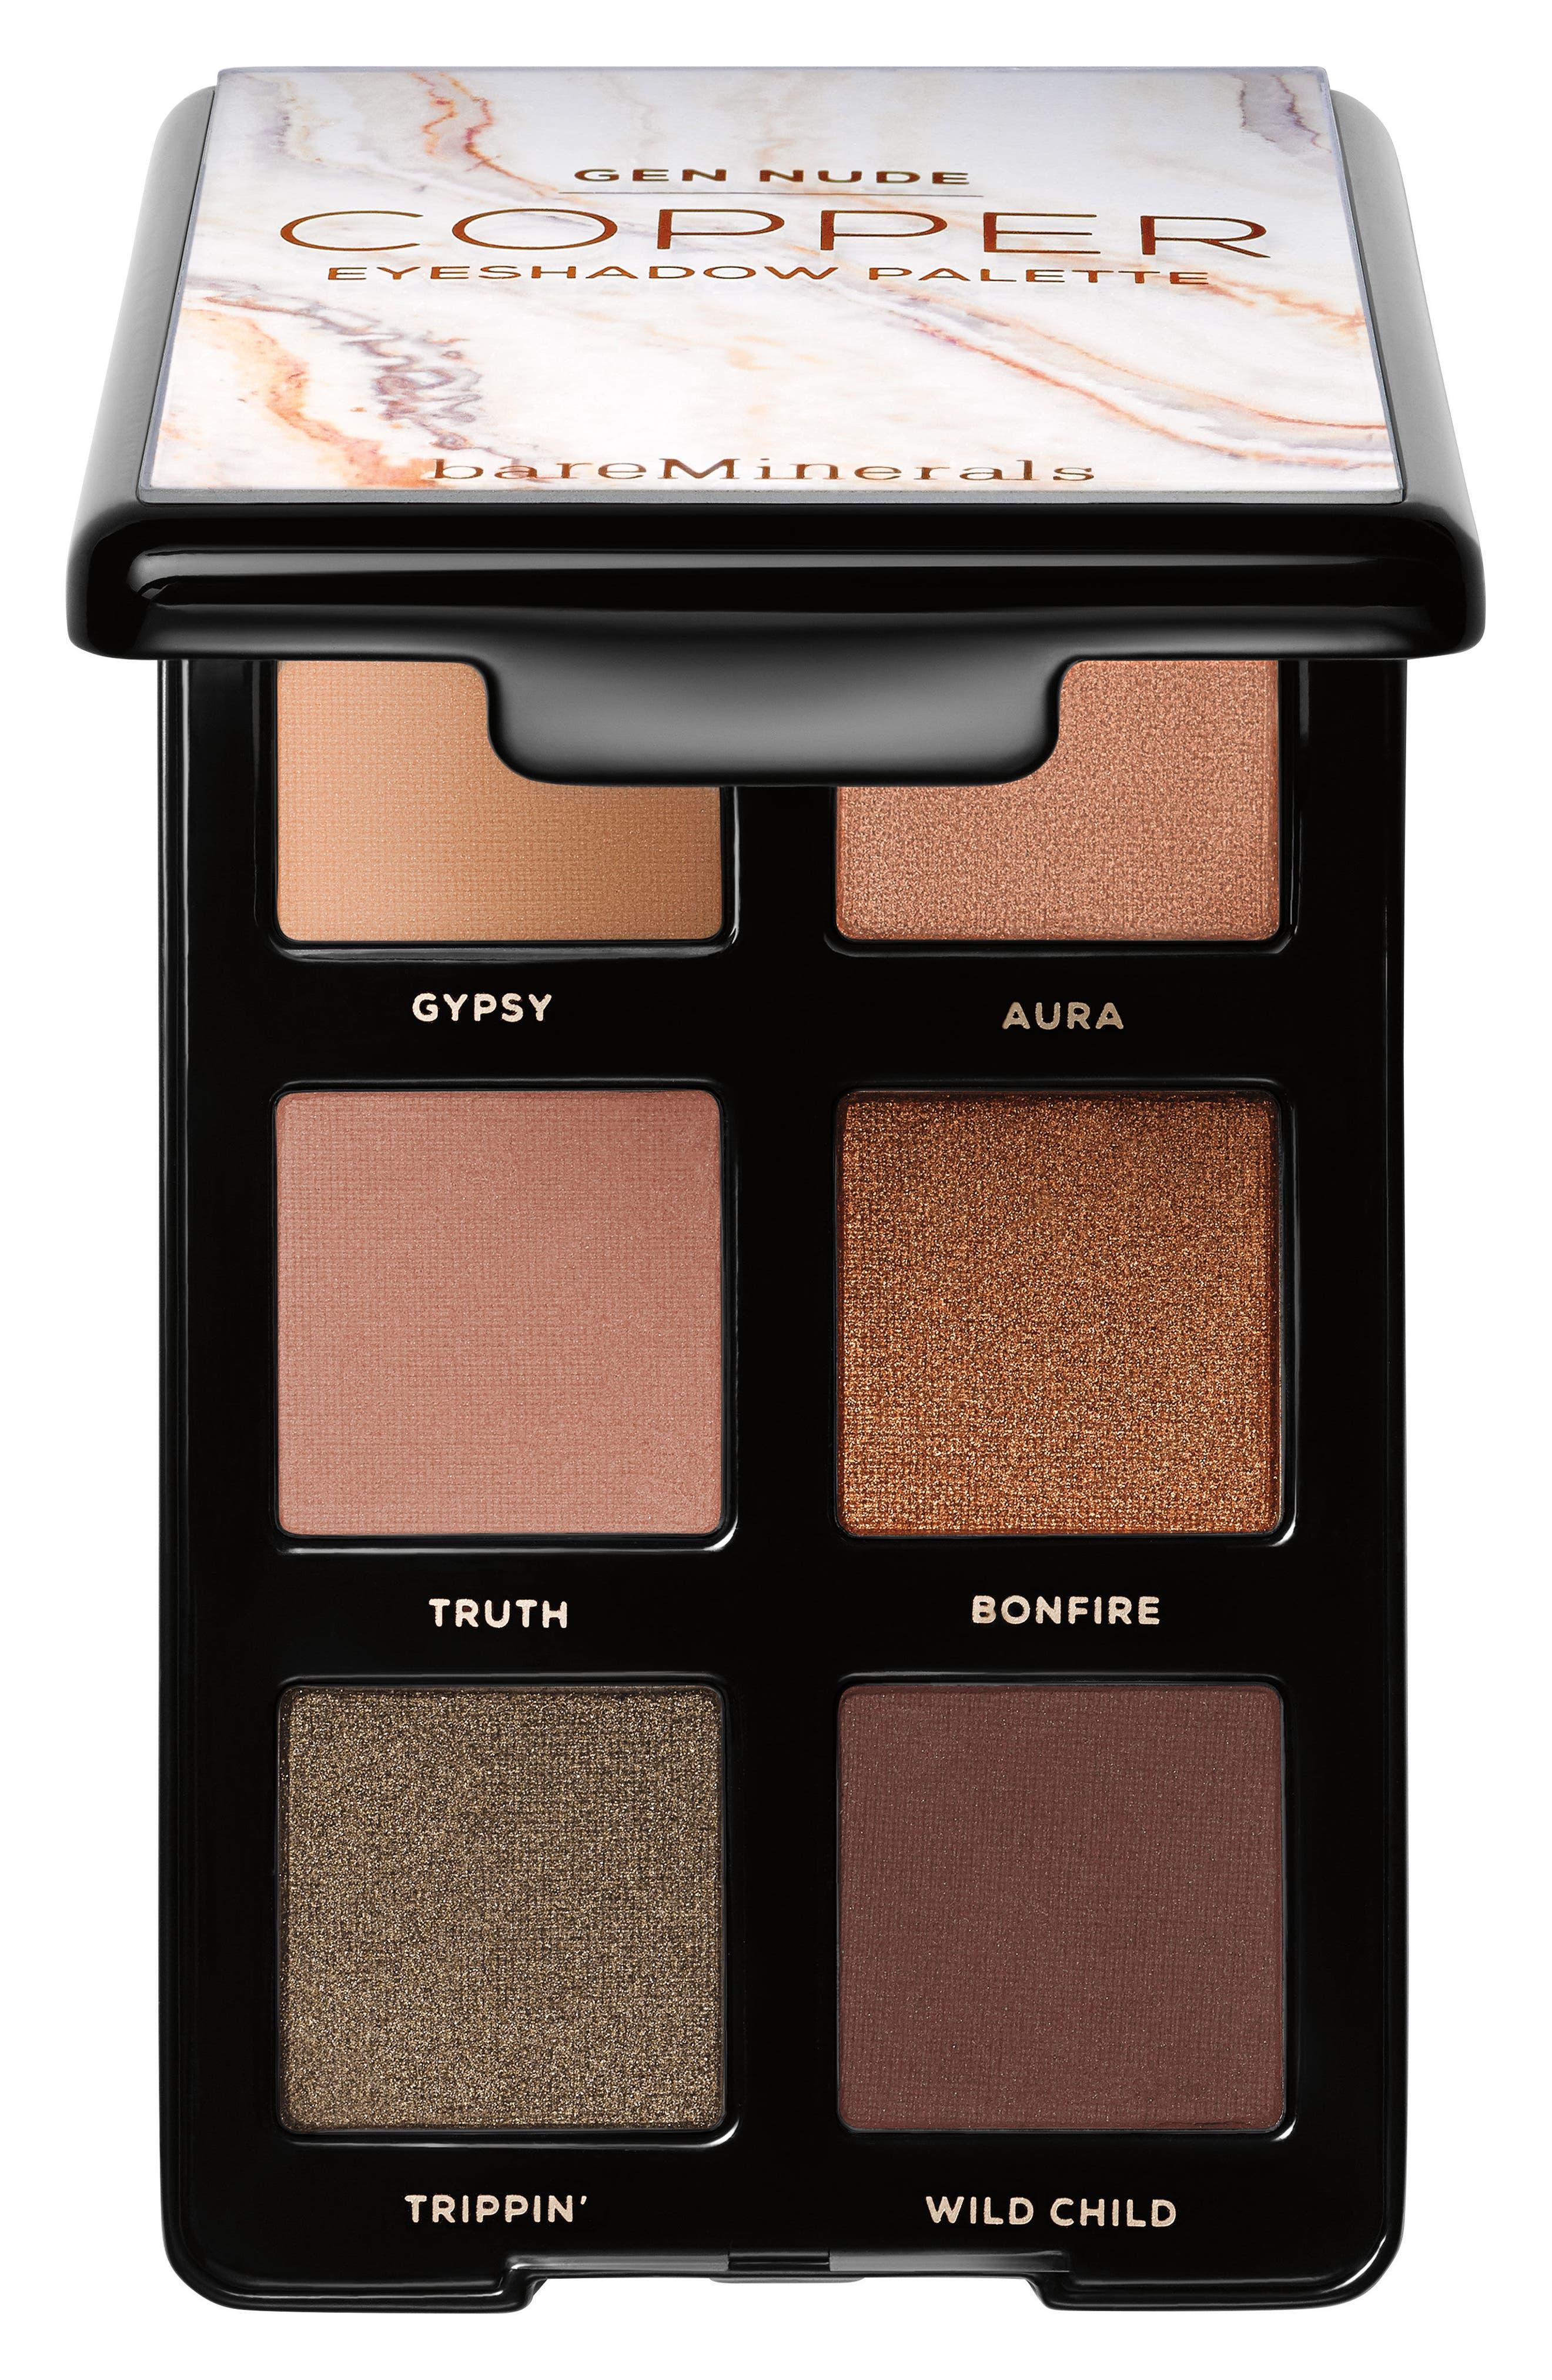 0bf67635bc7 Bareminerals Gen Nude Eyeshadow Palette - Copper